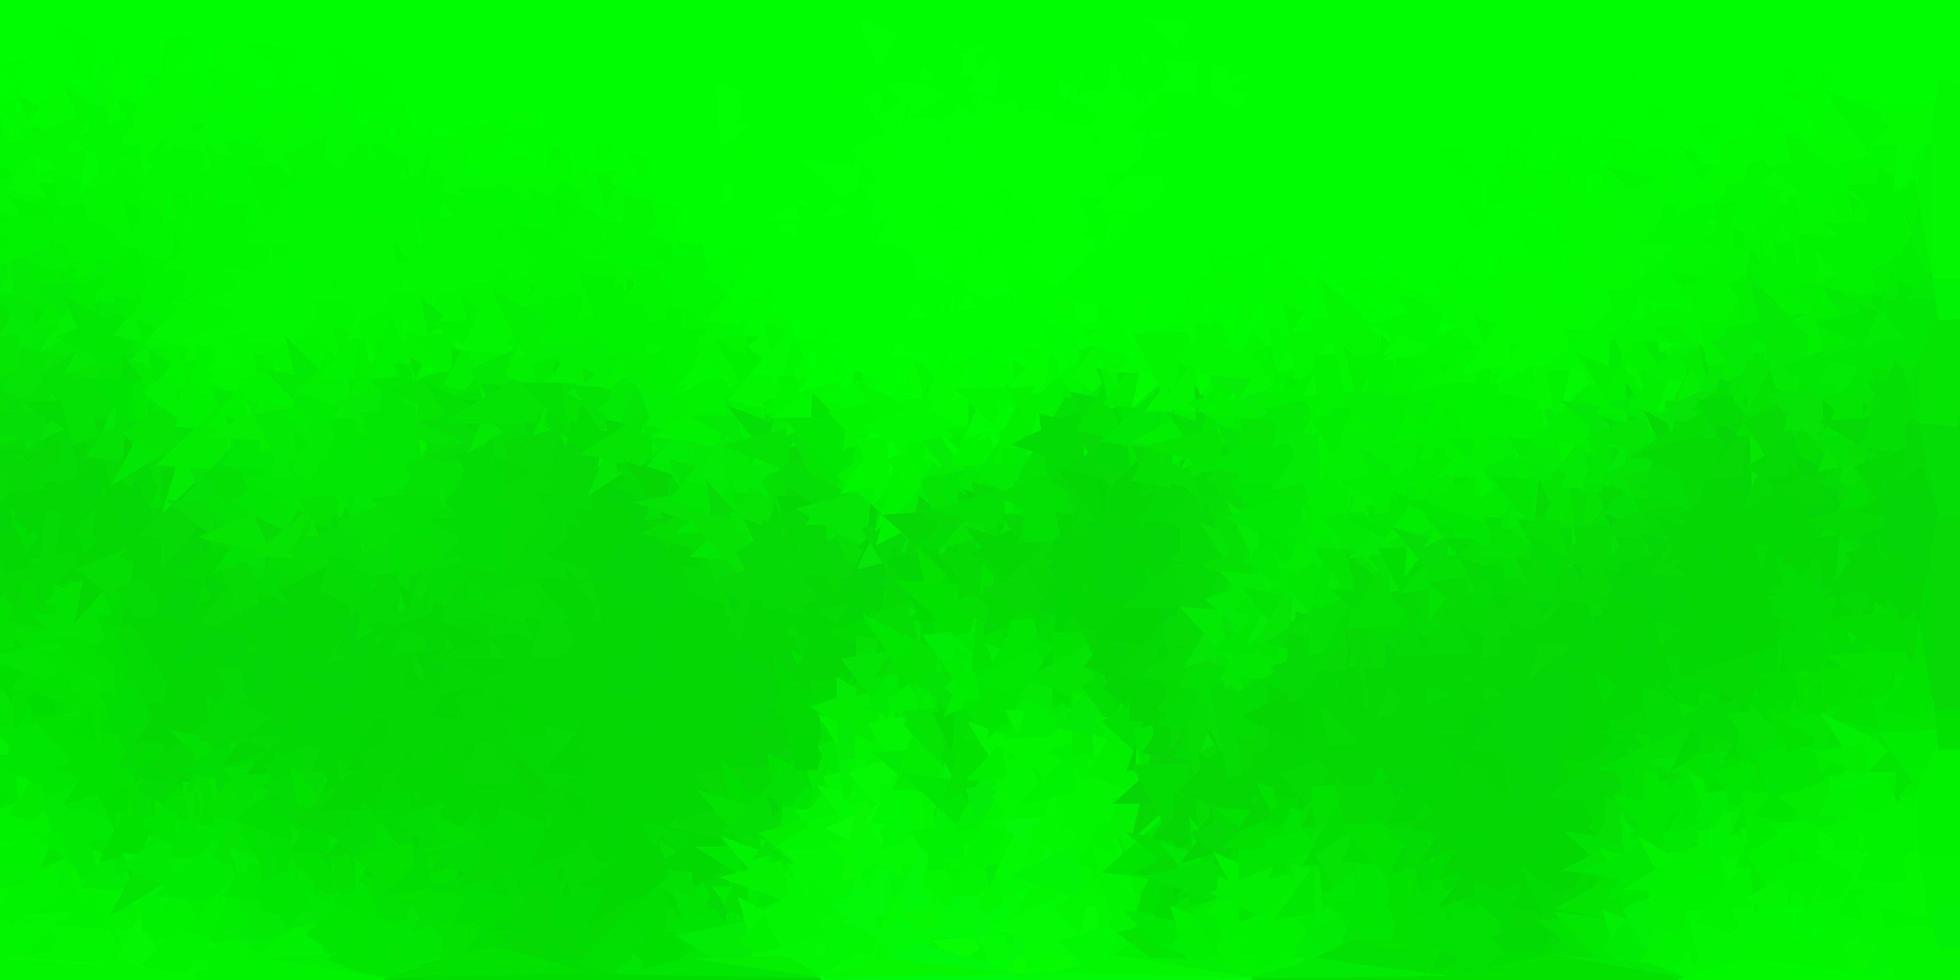 abstraktes Dreiecksmuster des dunkelgrünen Vektors. vektor